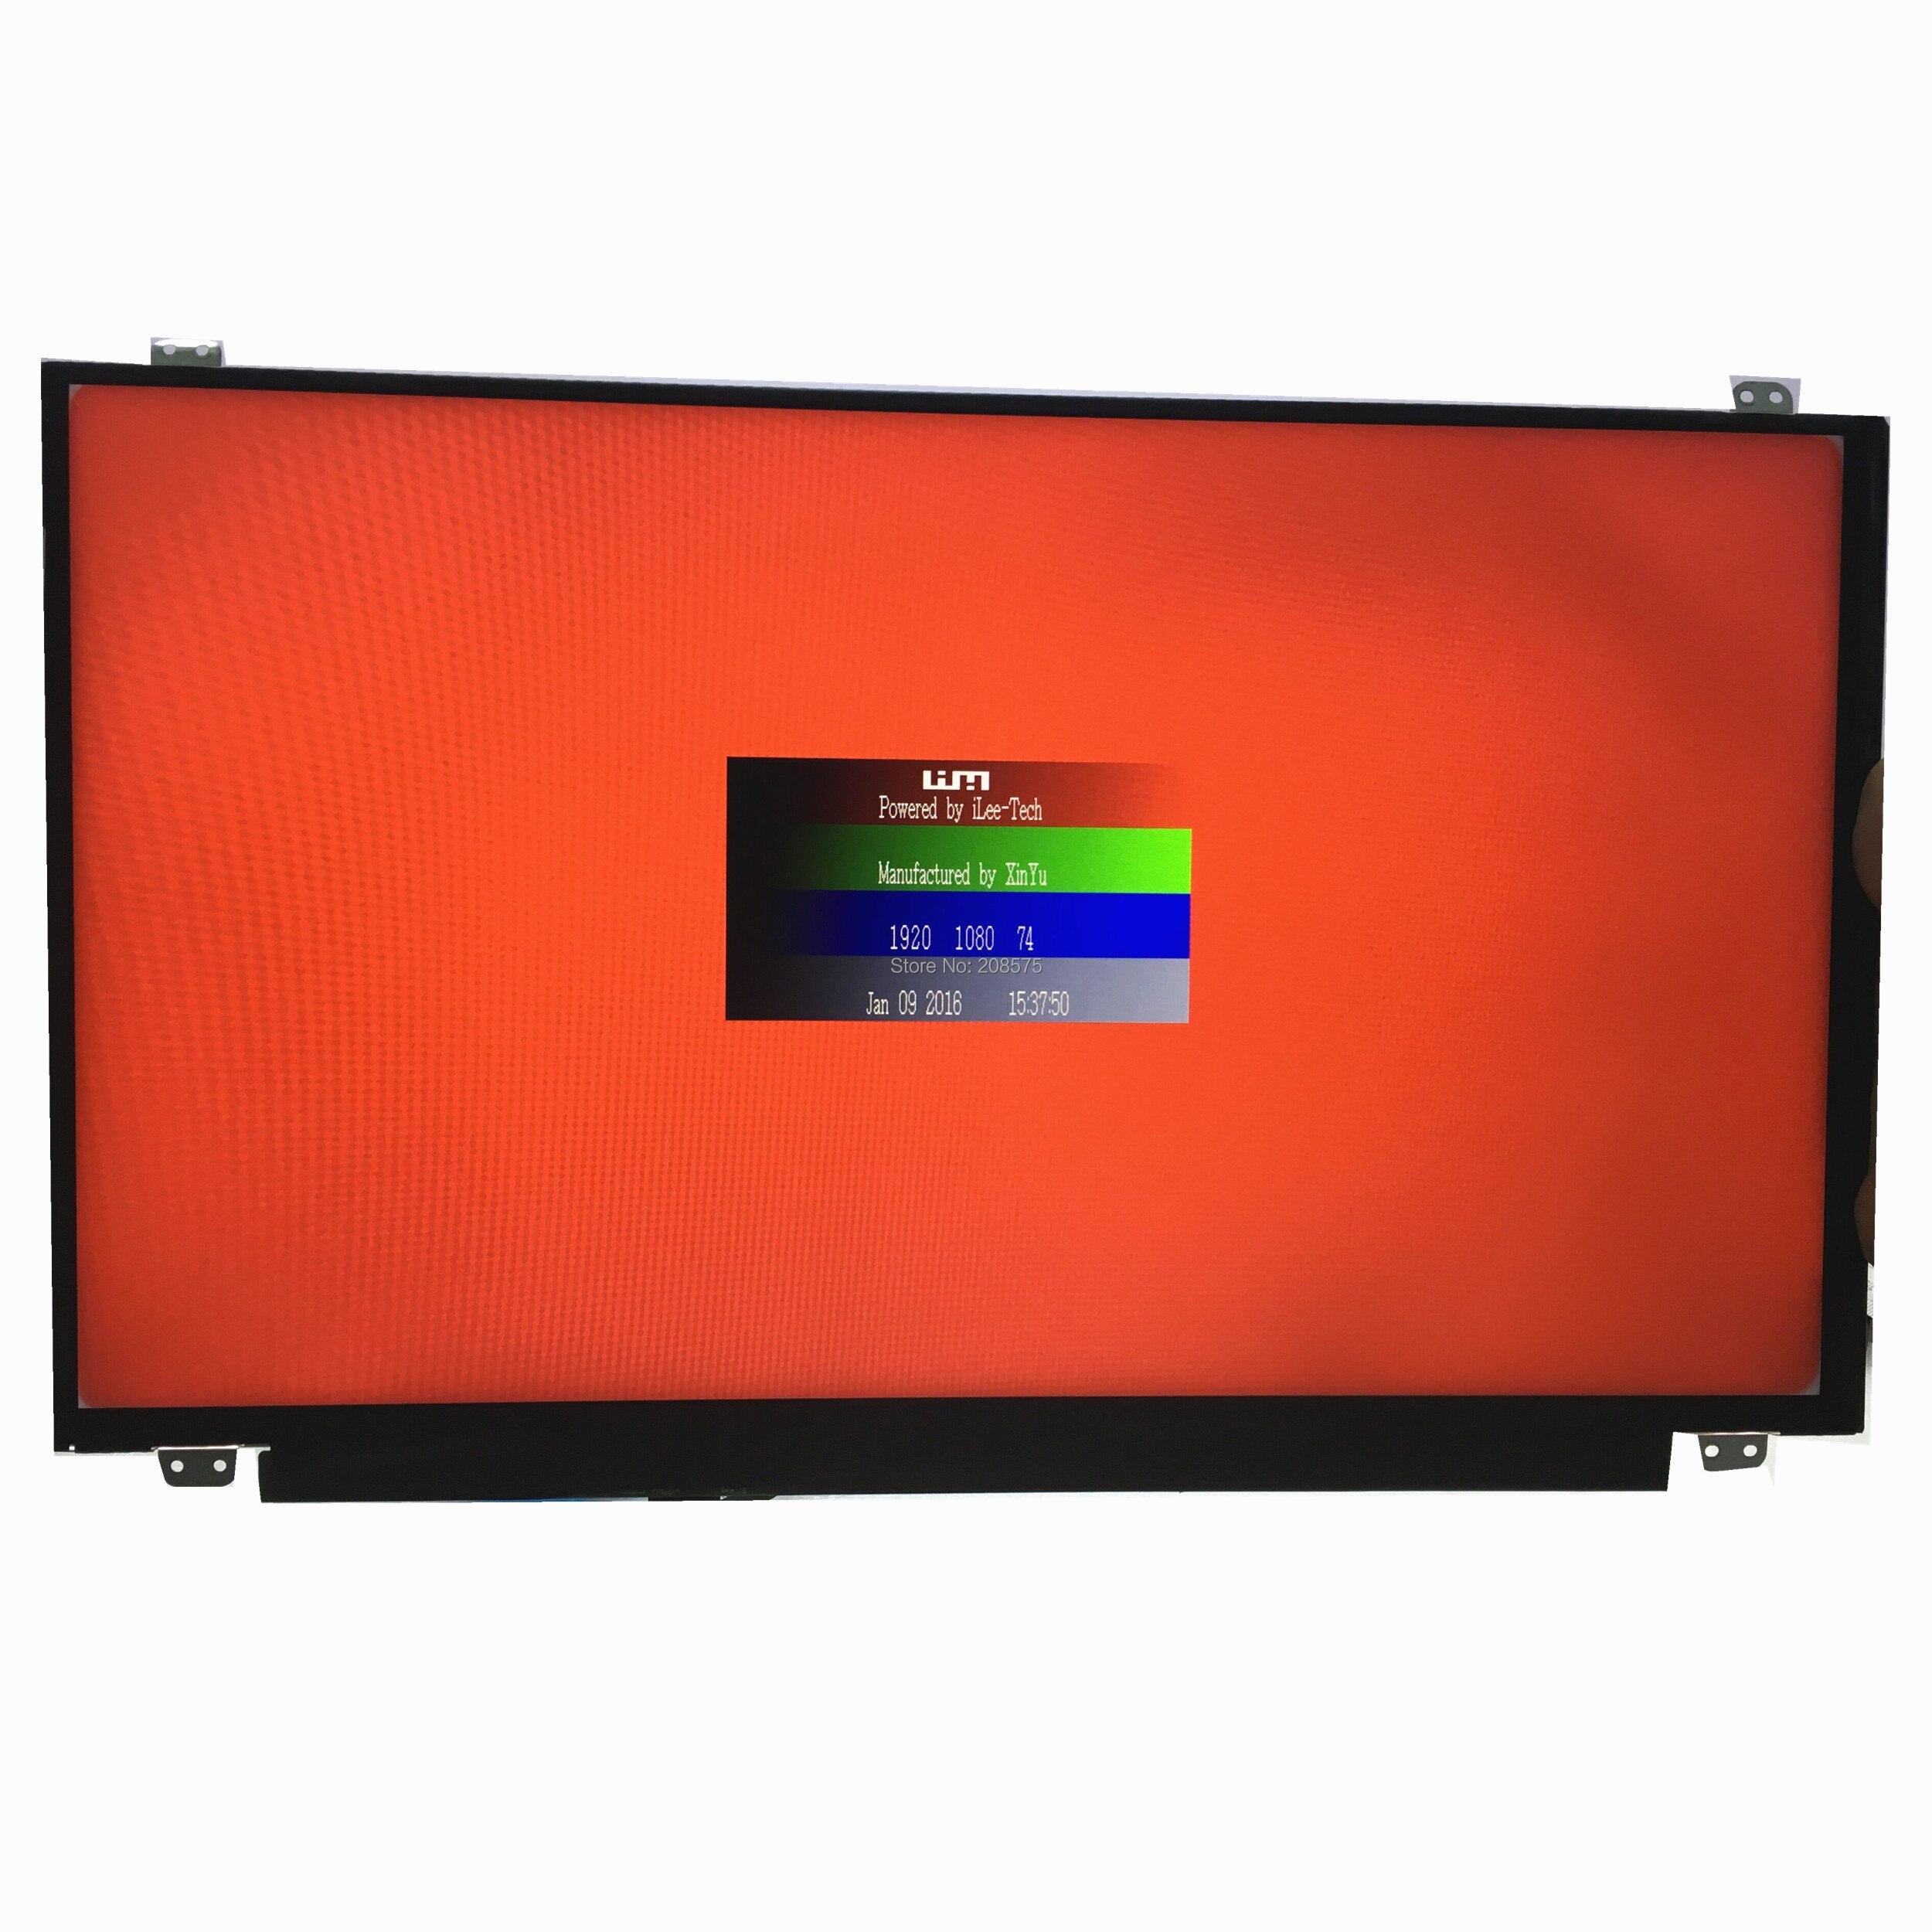 B LCD Screen B156HTN03.8 B156HTN03.7 B156HTN03.5 B156HTN03.0 N156HGE EA1 EA2 EB1 EAB EBB EG1 HB156FH1-301 401 1920*1080 30 Pins